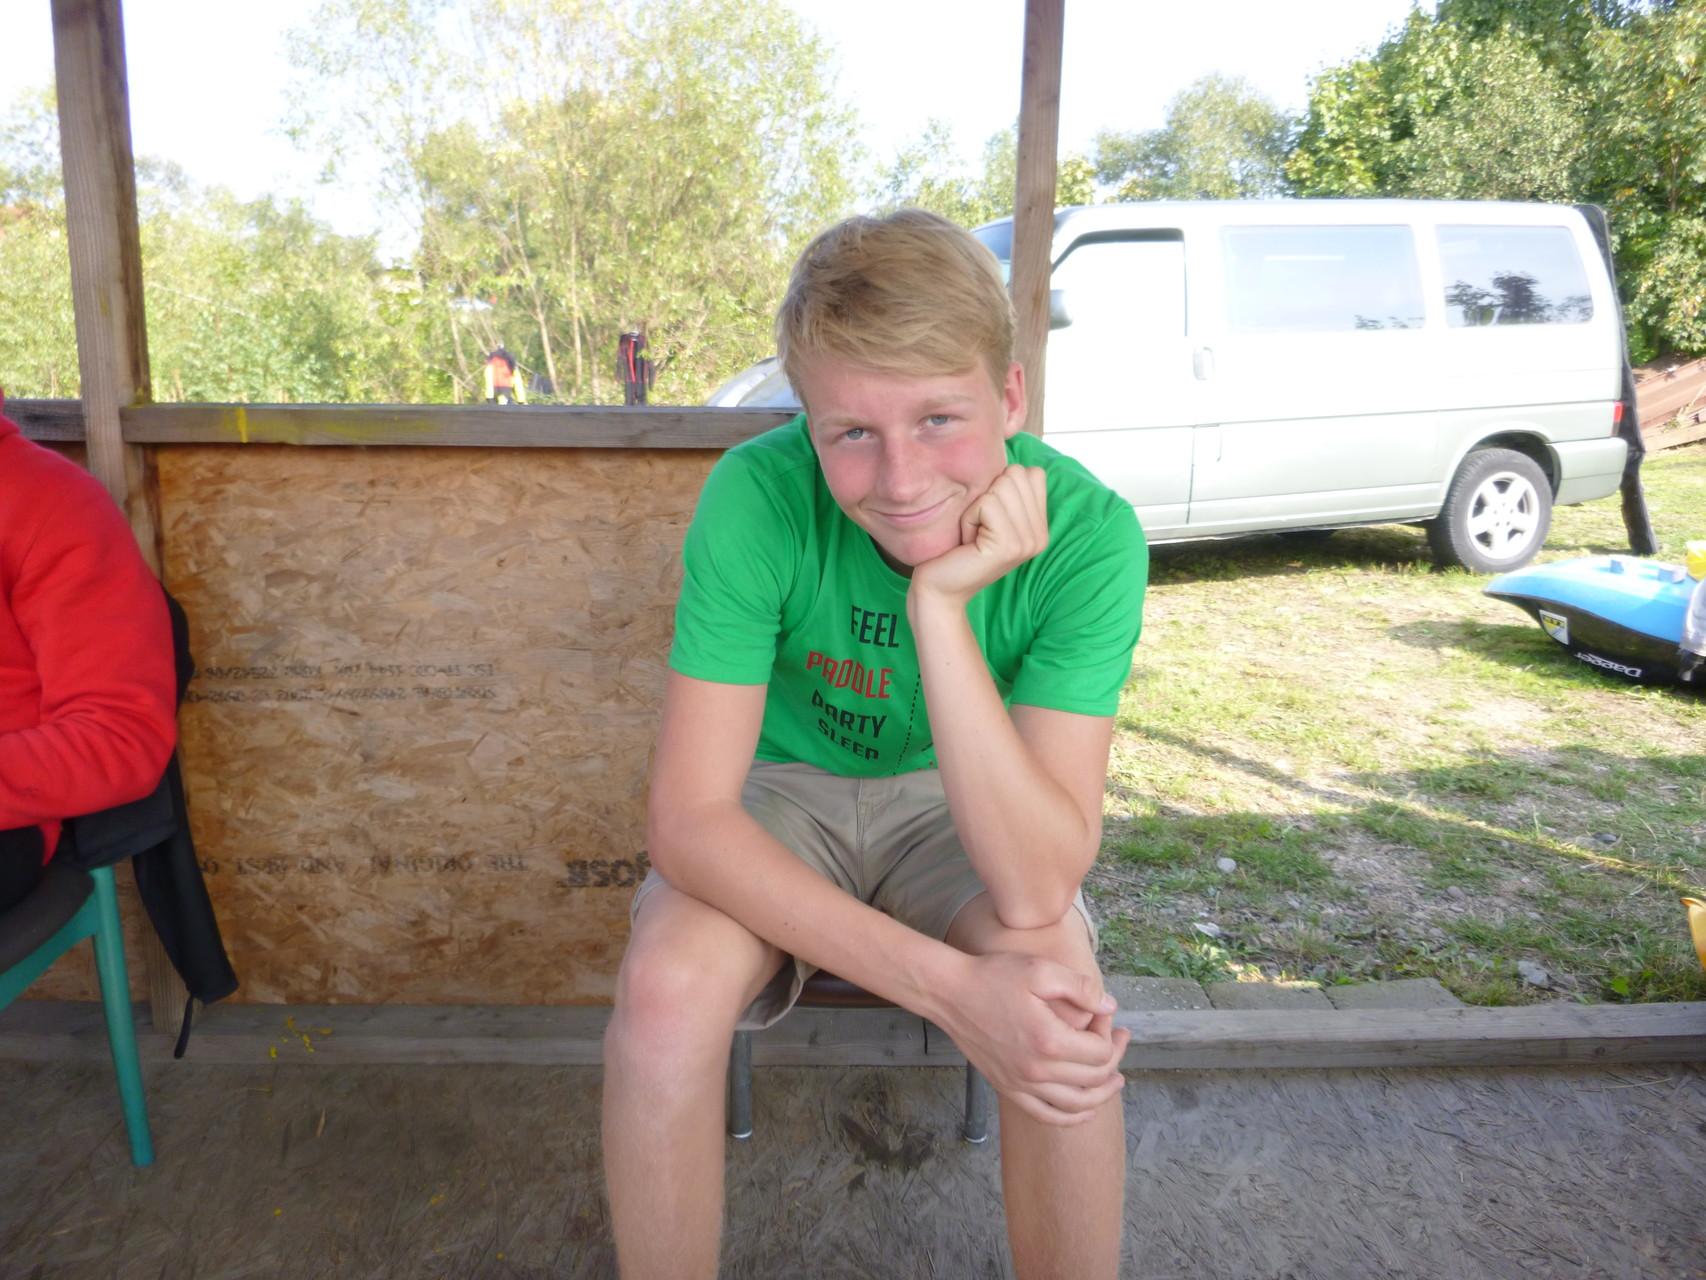 EuroCup-Sieger 2015 bei den Junioren: Leon Bast. Er freut sich schon auf die EM in Plattling 2016!